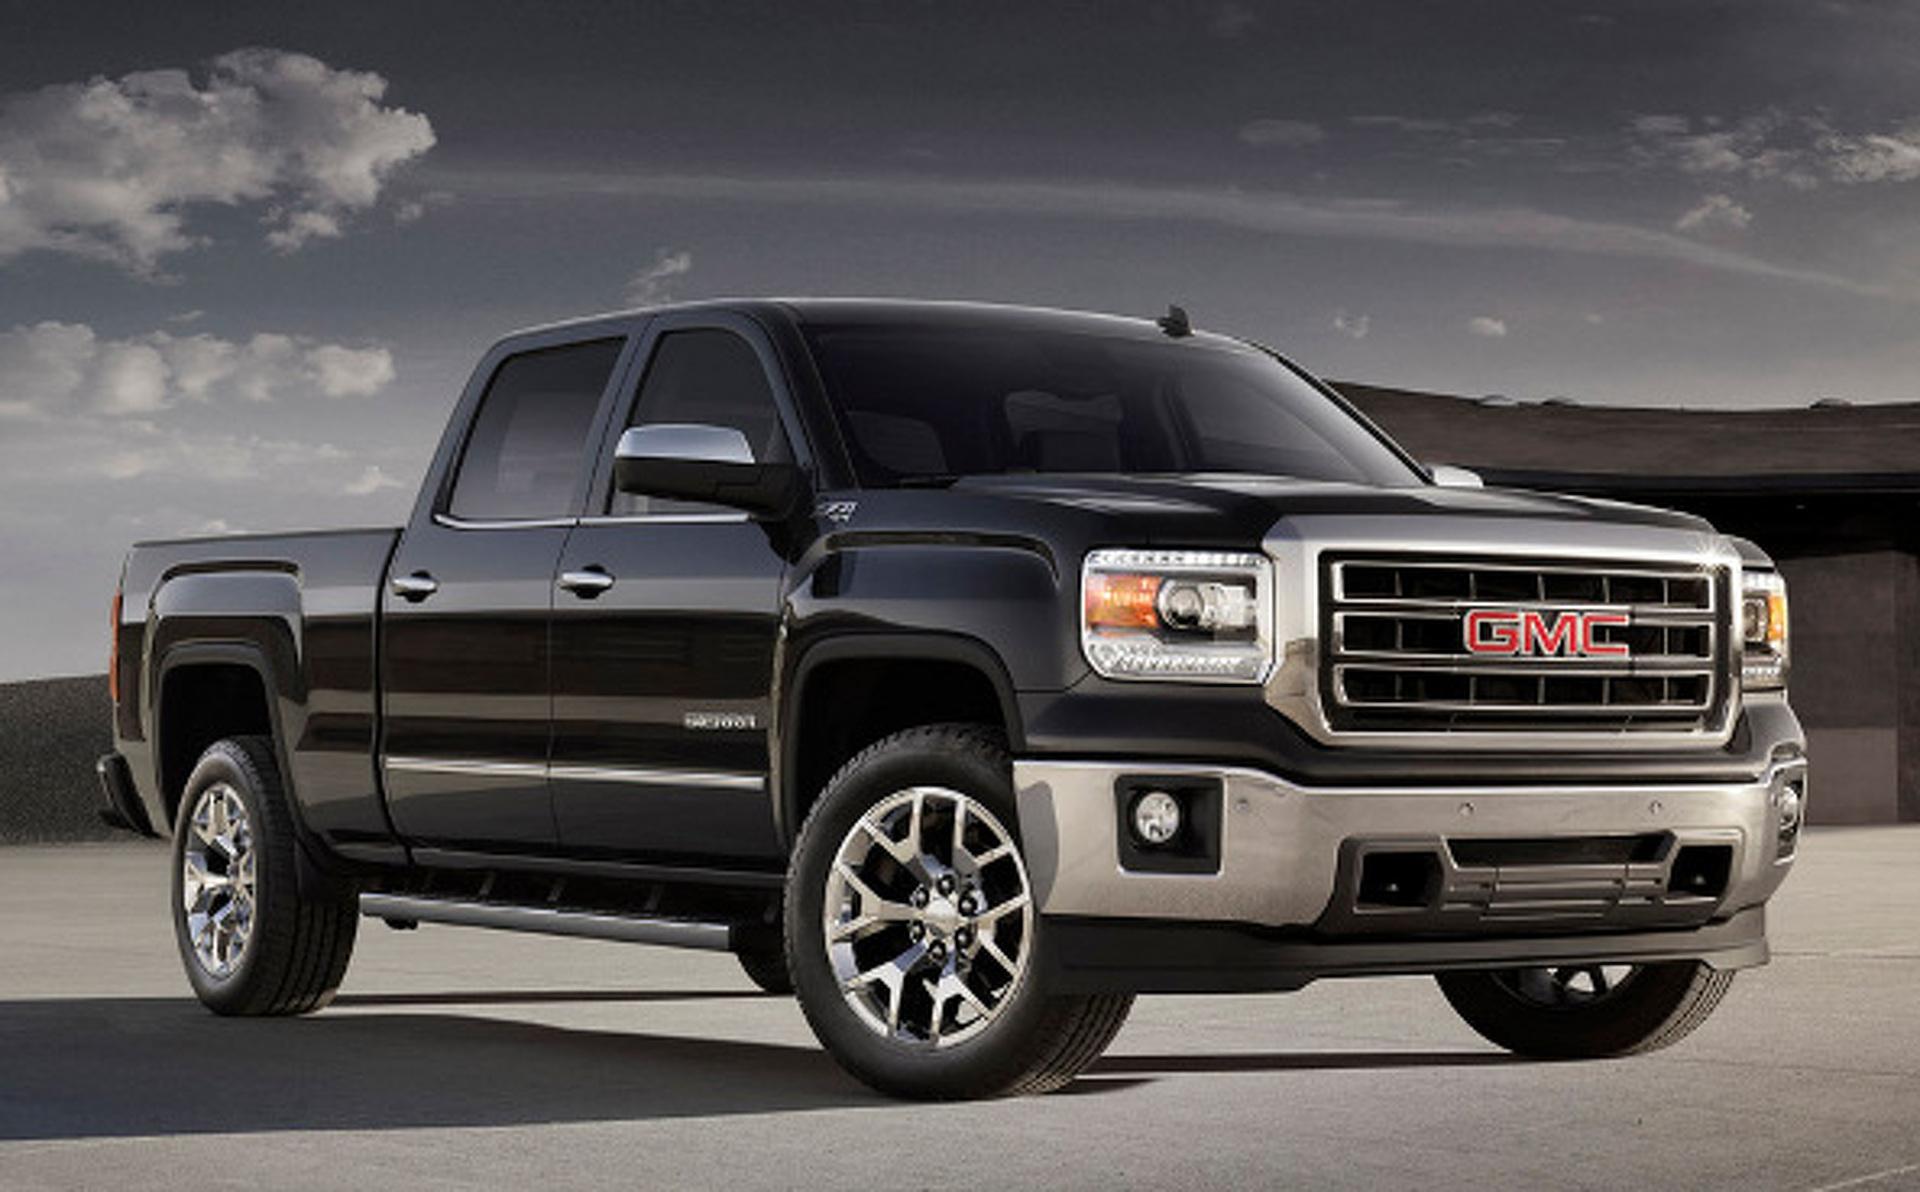 General Motors оказался в центре топливного скандала. Владельцы пикапов Chevrolet Silverado и GMC Sierra с 6,6-литровым дизелем Duramax утверждают, что в течение шести лет (с 2010 по 2016) концерн продавал в США модели, несовместимые с американским дизельным топливом. В среду, 7 августа, федеральный суд Детройта принял дело к рассмотрению.